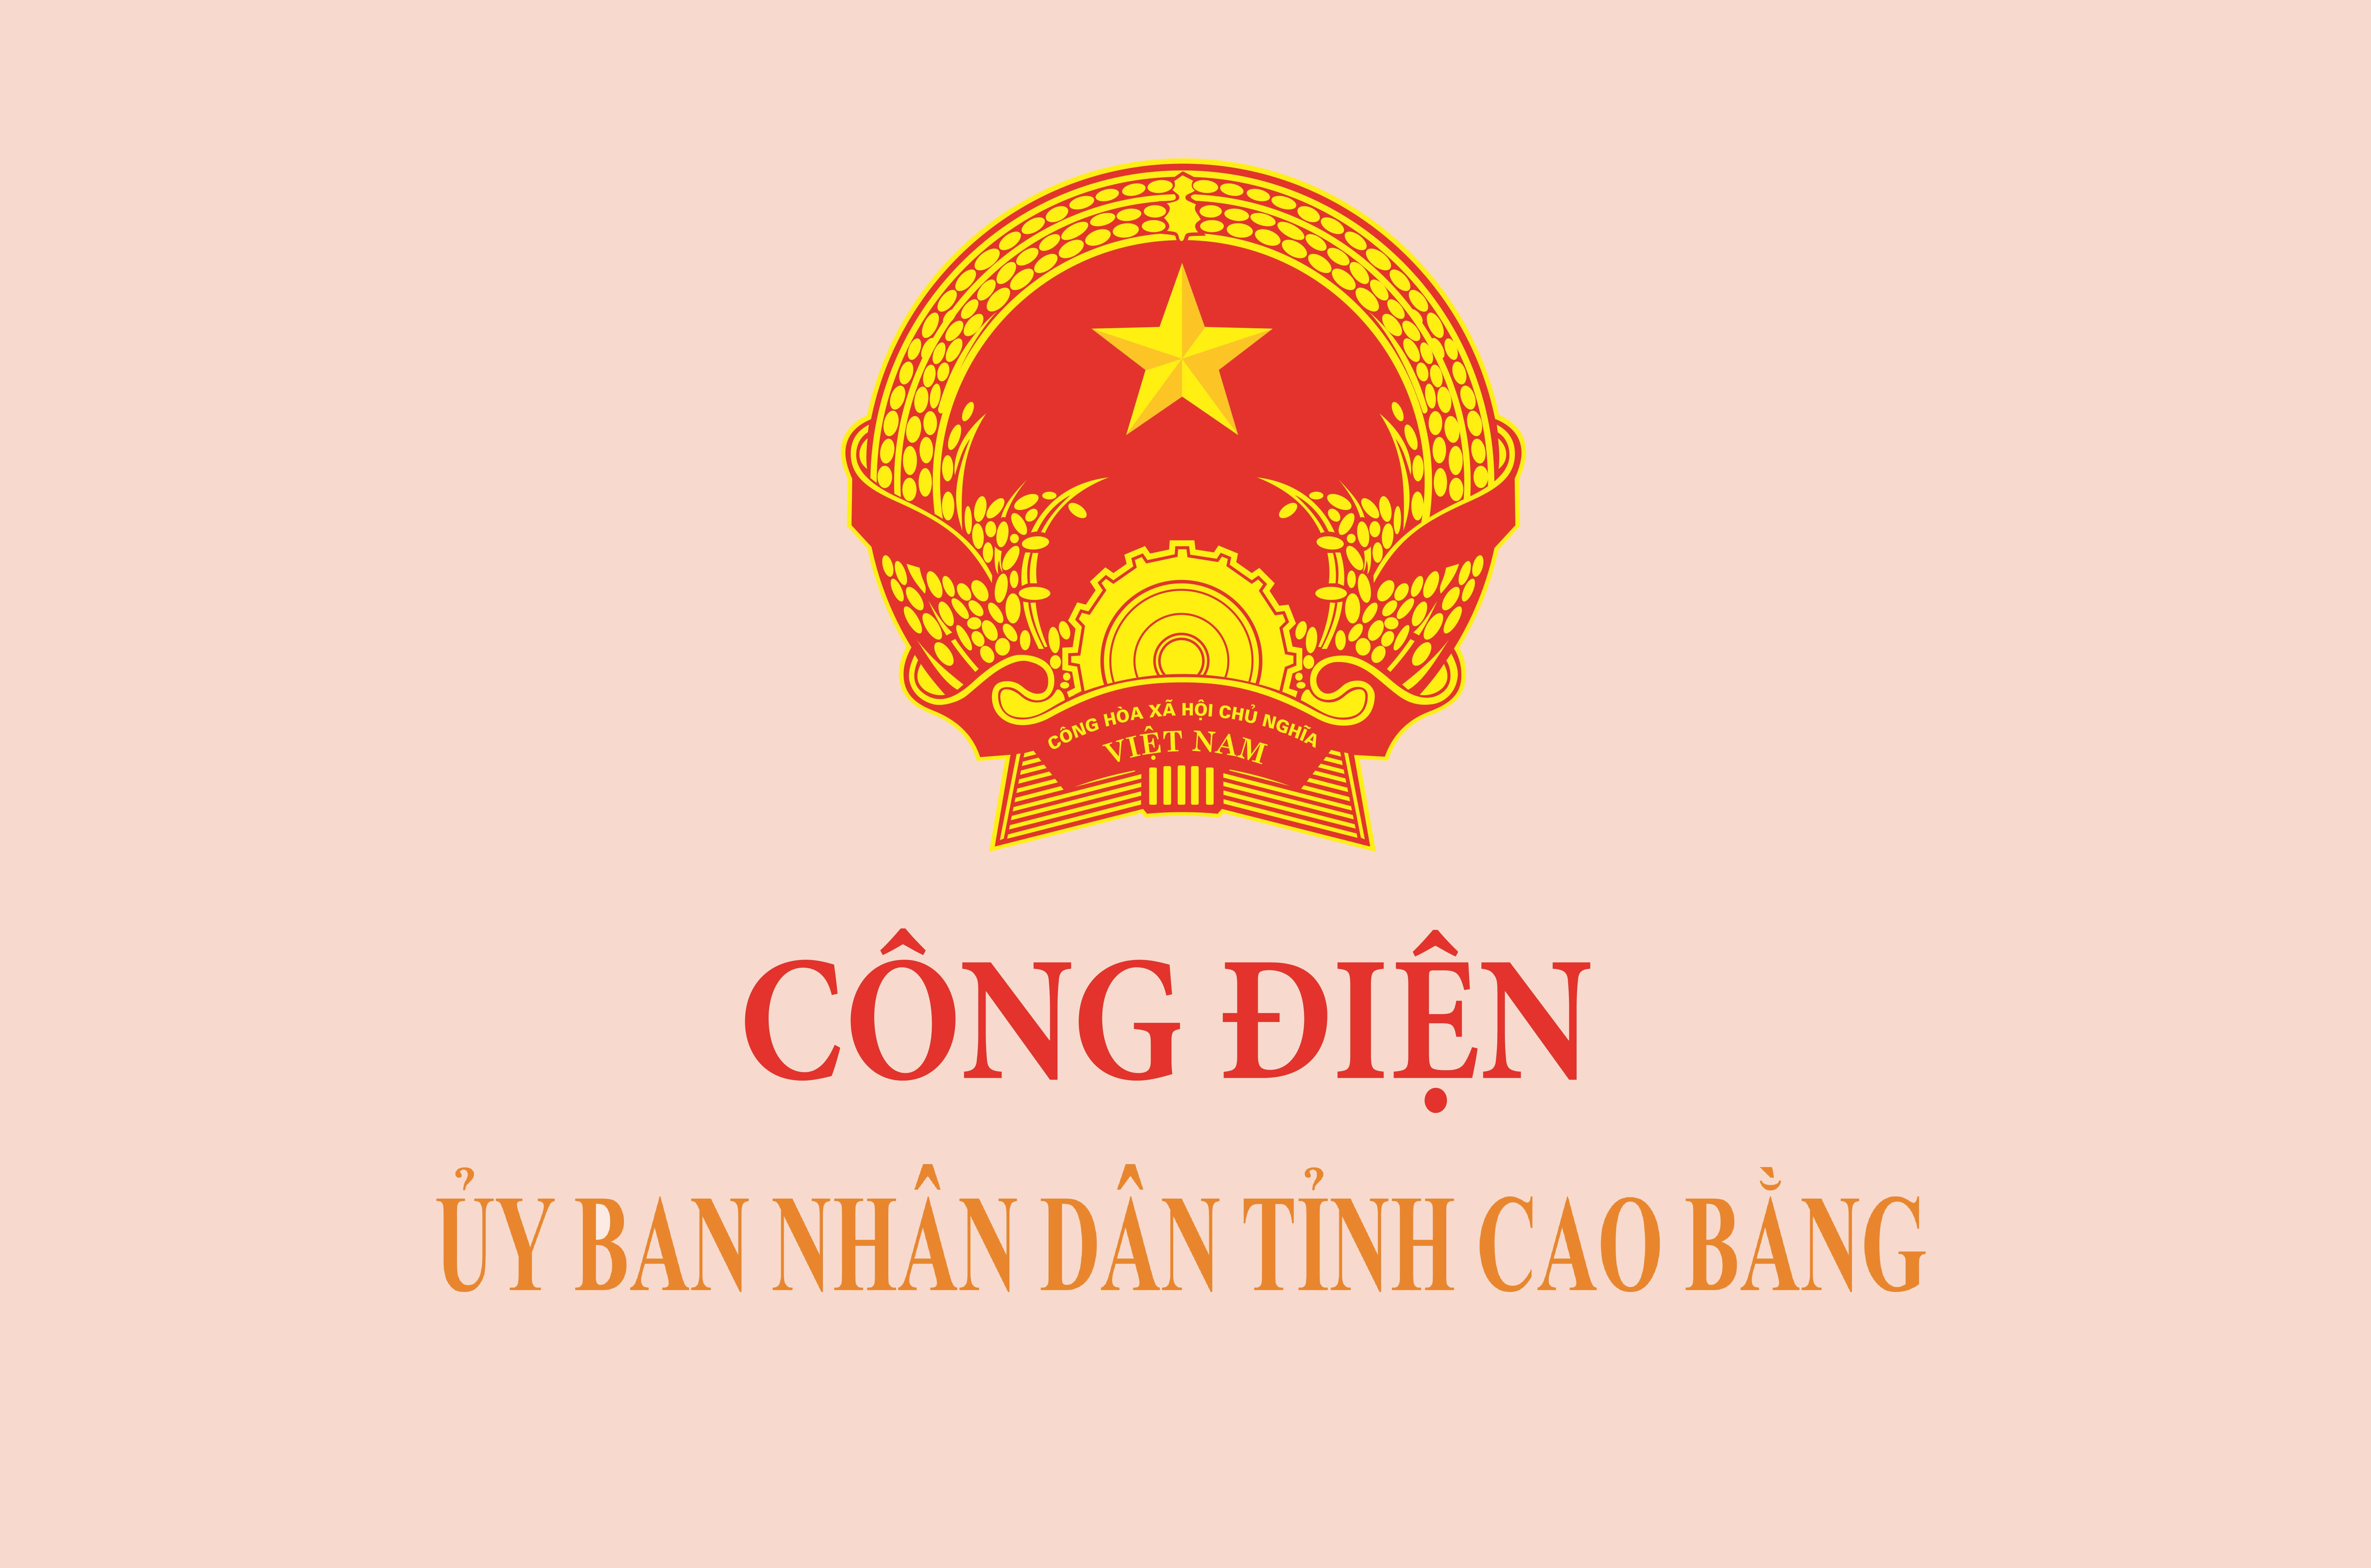 Công điện khẩn của UBND tỉnh về việc tiếp tục triển khai thực hiện các biện pháp cấp bách phòng, chống dịch COVID-19 trên địa bàn tỉnh Cao Bằng